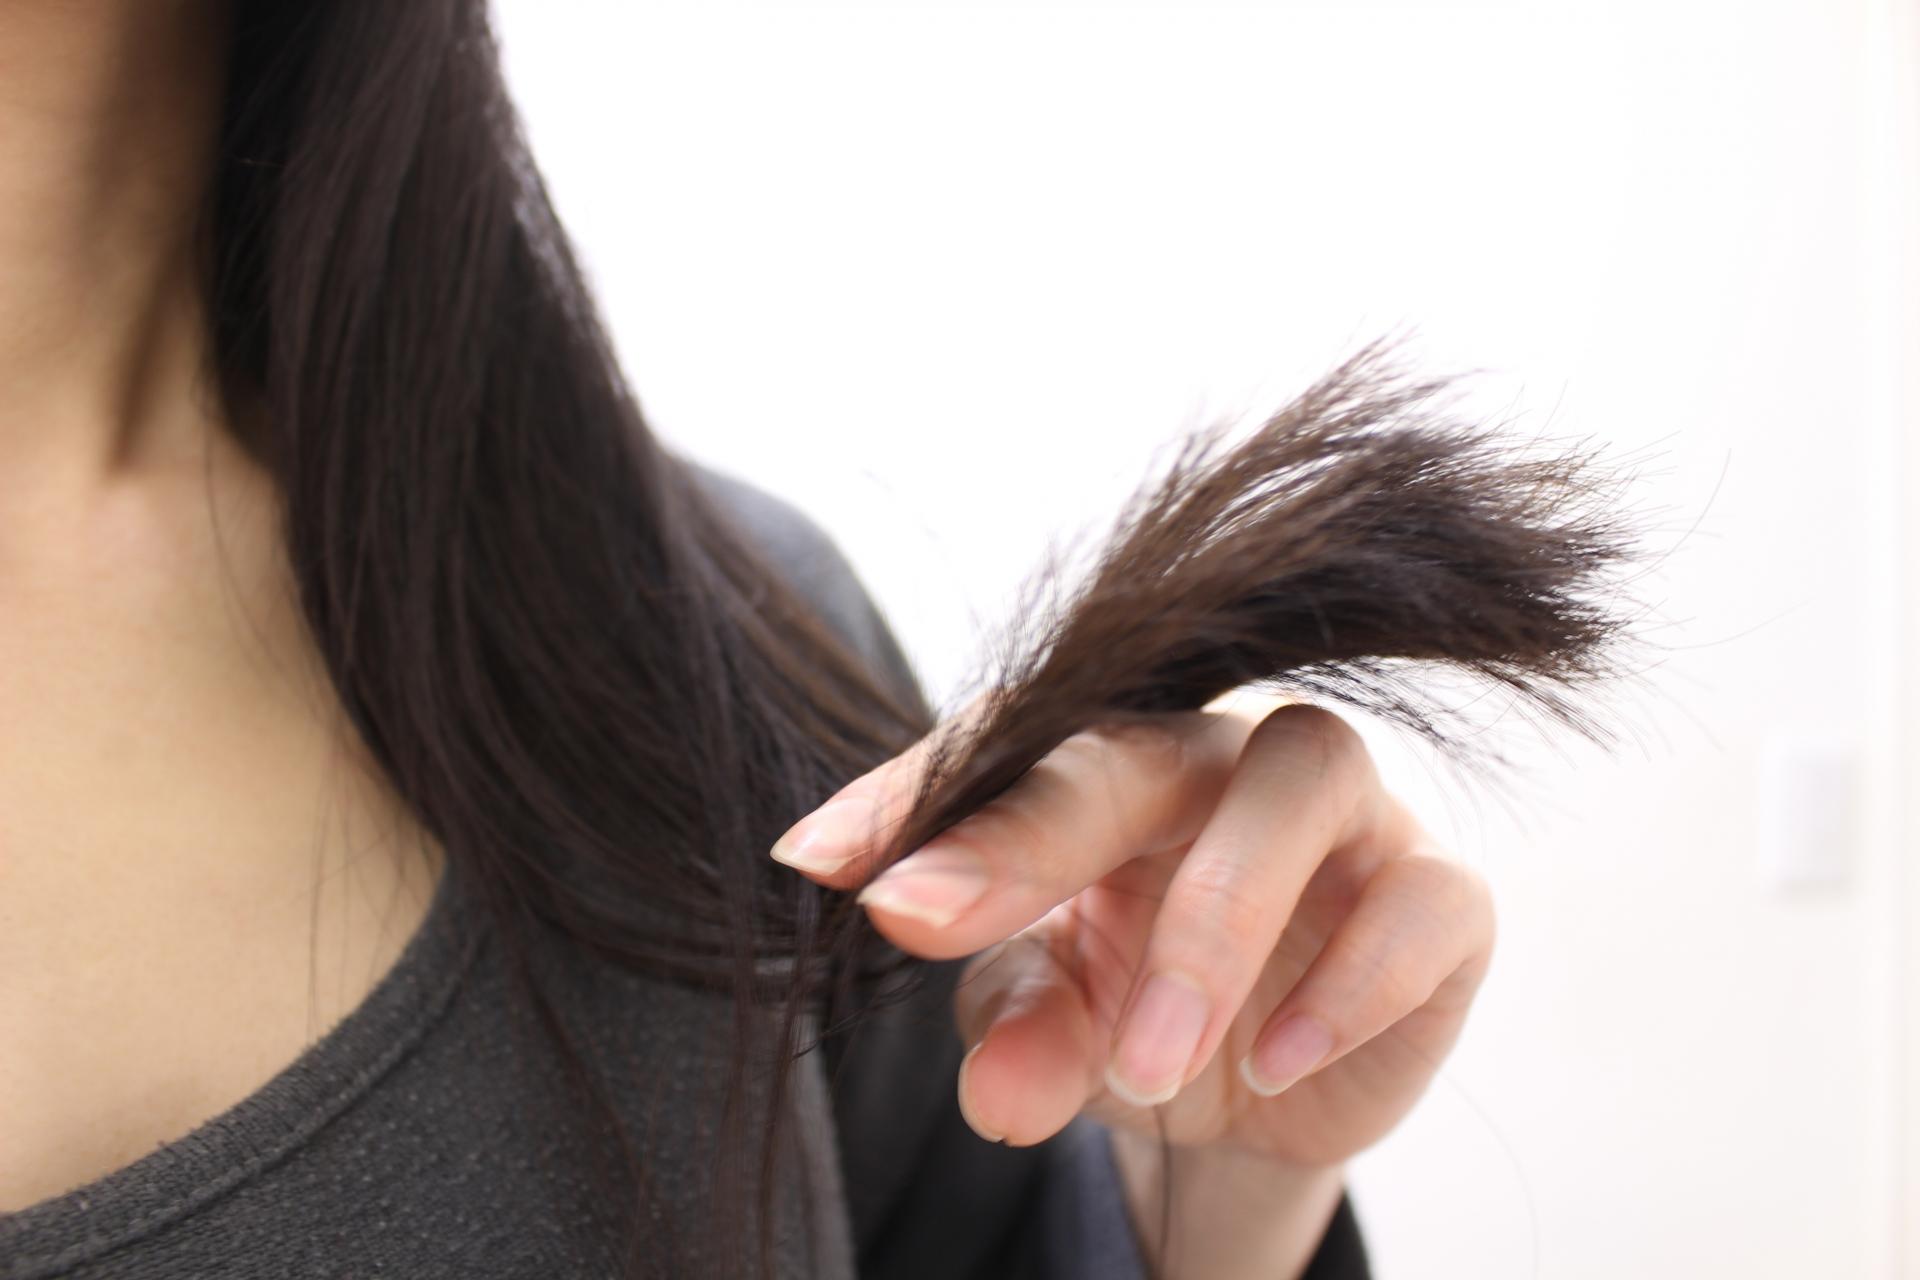 a240c8852abf05eac2e8f7af7da91290 m 毛髪の強度はどのくらい?パーマやヘアダイで弱くなるの?